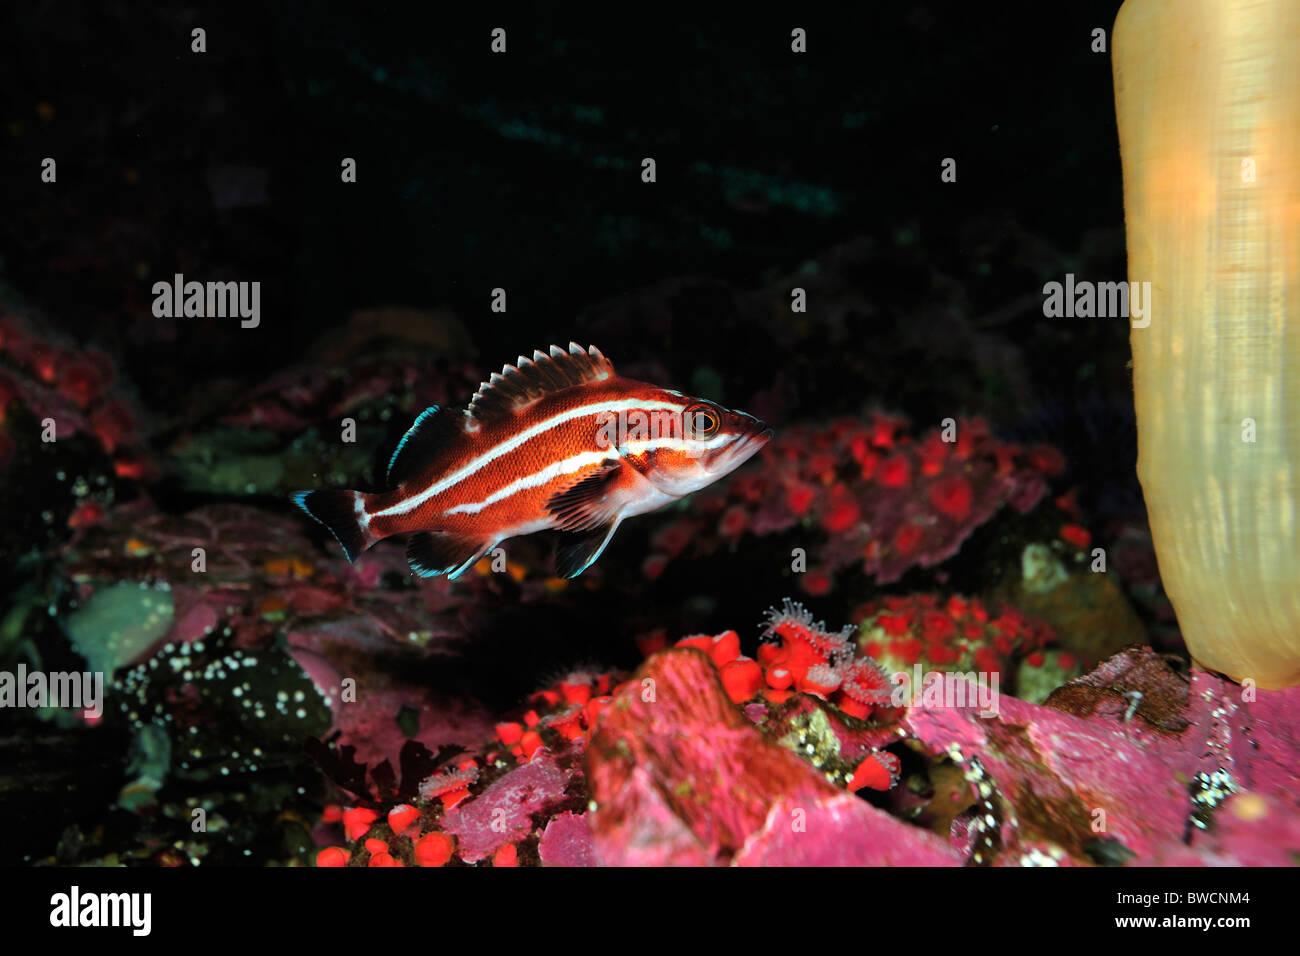 Yelloweye rockfish, Sebastes ruberrimus, juvenile, threatened, captive - Stock Image